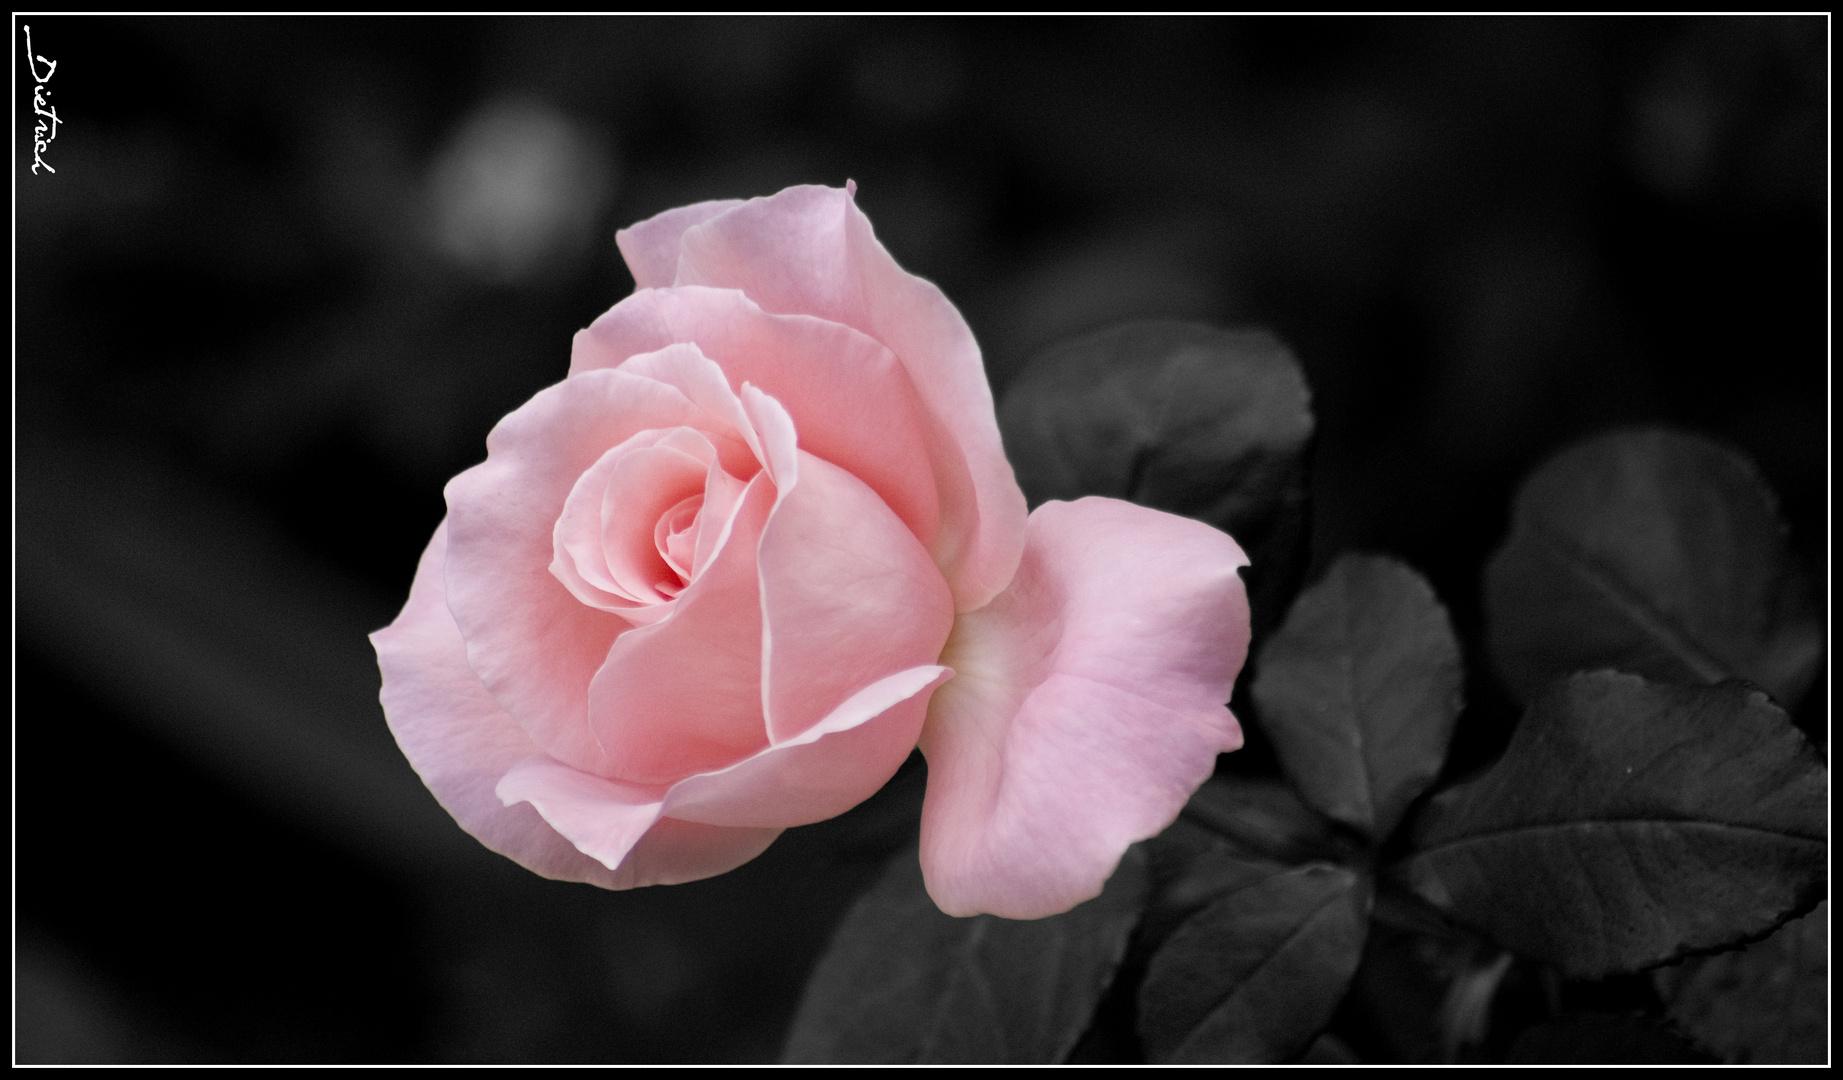 Was ist ein Name? Was uns Rose heißt, wie es auch hieße, würde lieblich duften.